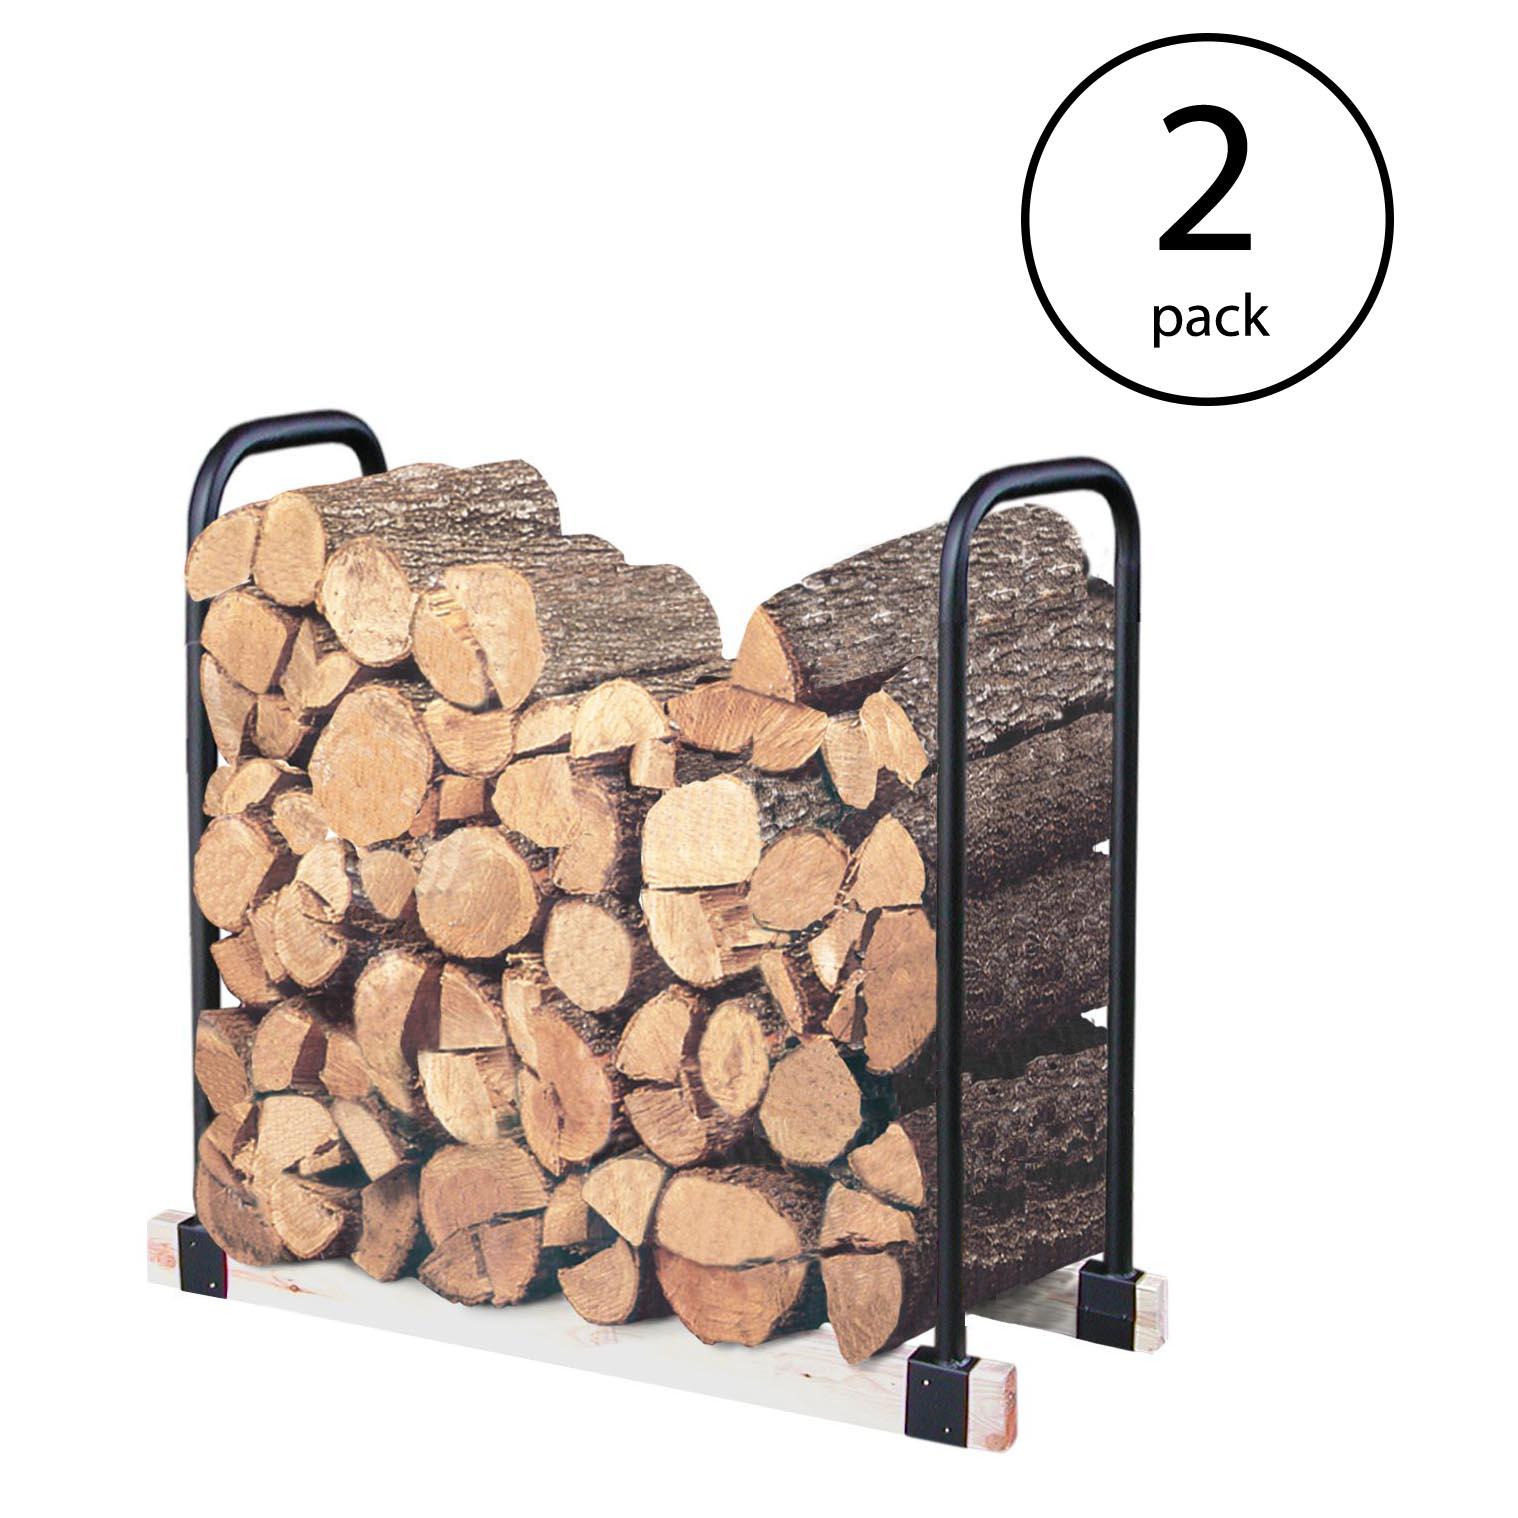 Landmann Adjustable 16 Foot Tubular Steel Firewood, Kindling & Log Rack (2 Pack)